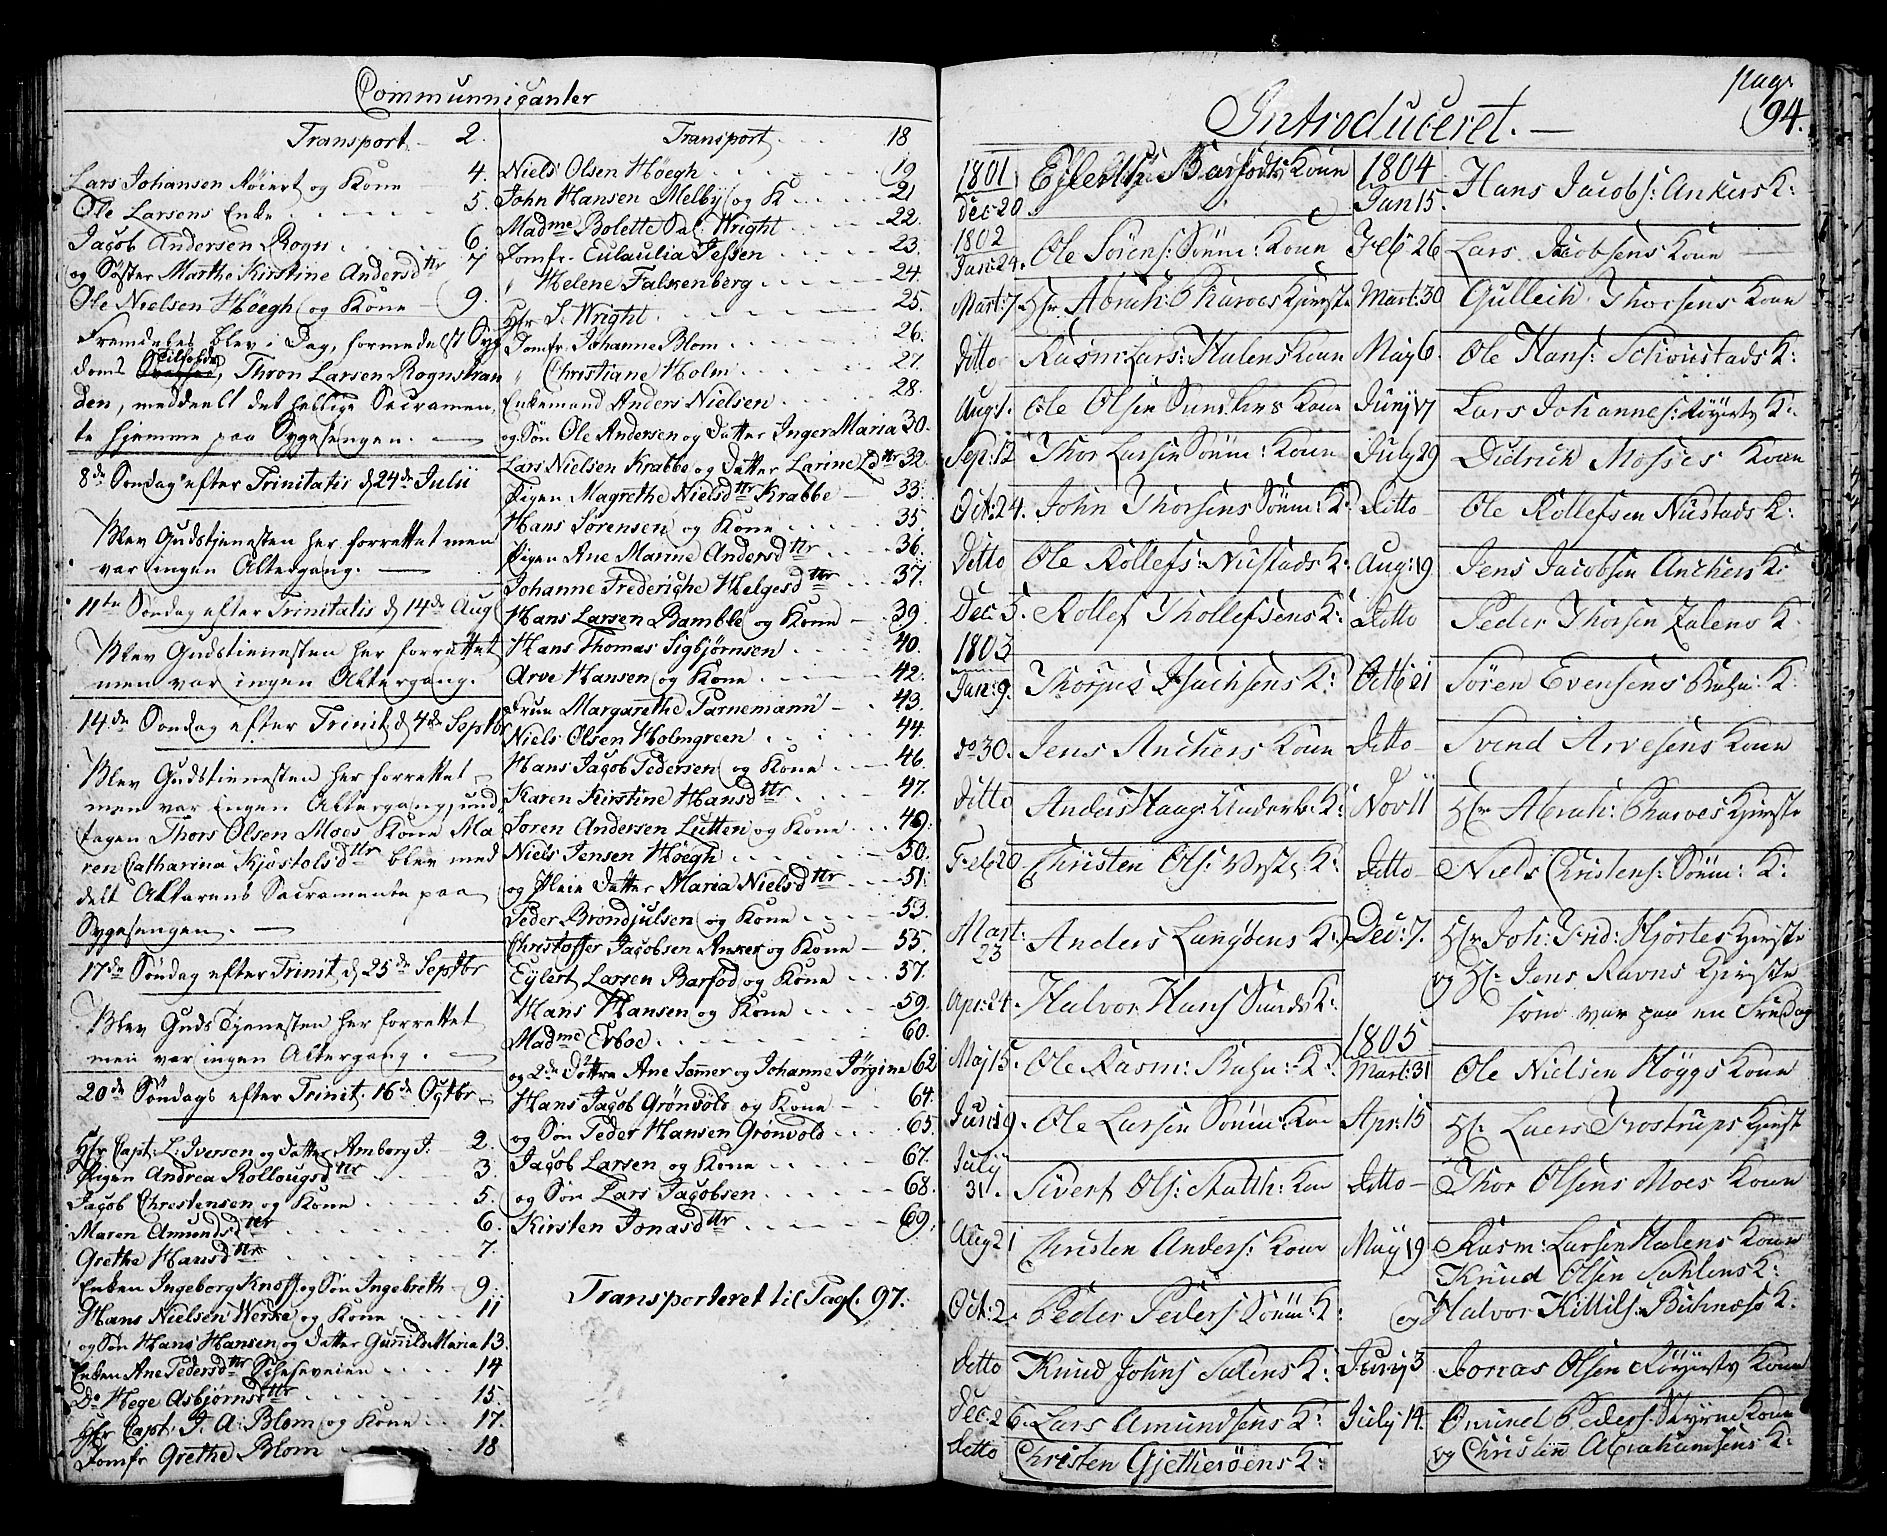 SAKO, Langesund kirkebøker, G/Ga/L0002: Klokkerbok nr. 2, 1801-1815, s. 94